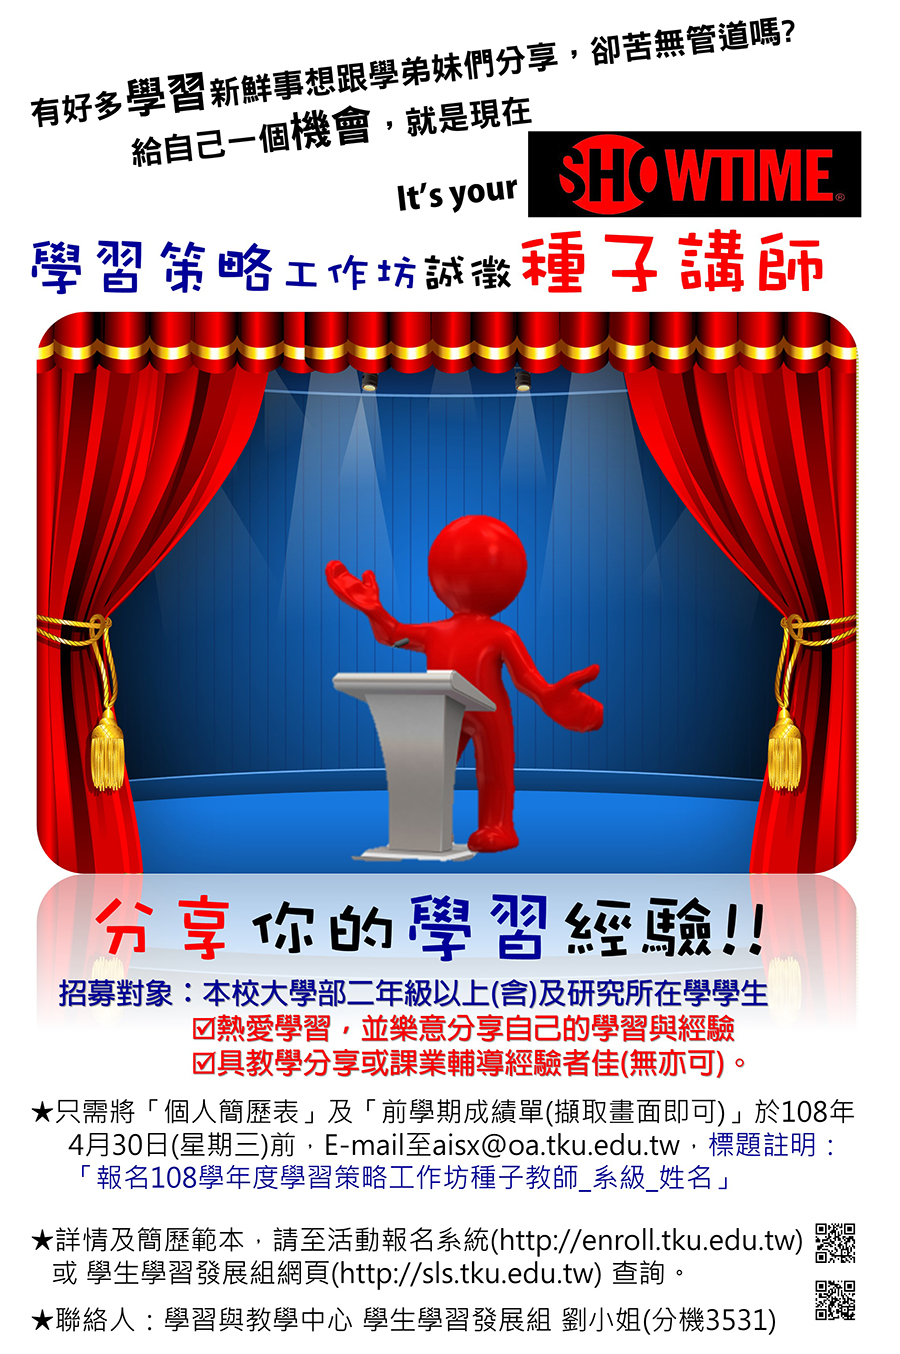 活動海報:「學習策略工作坊」種子講師行列